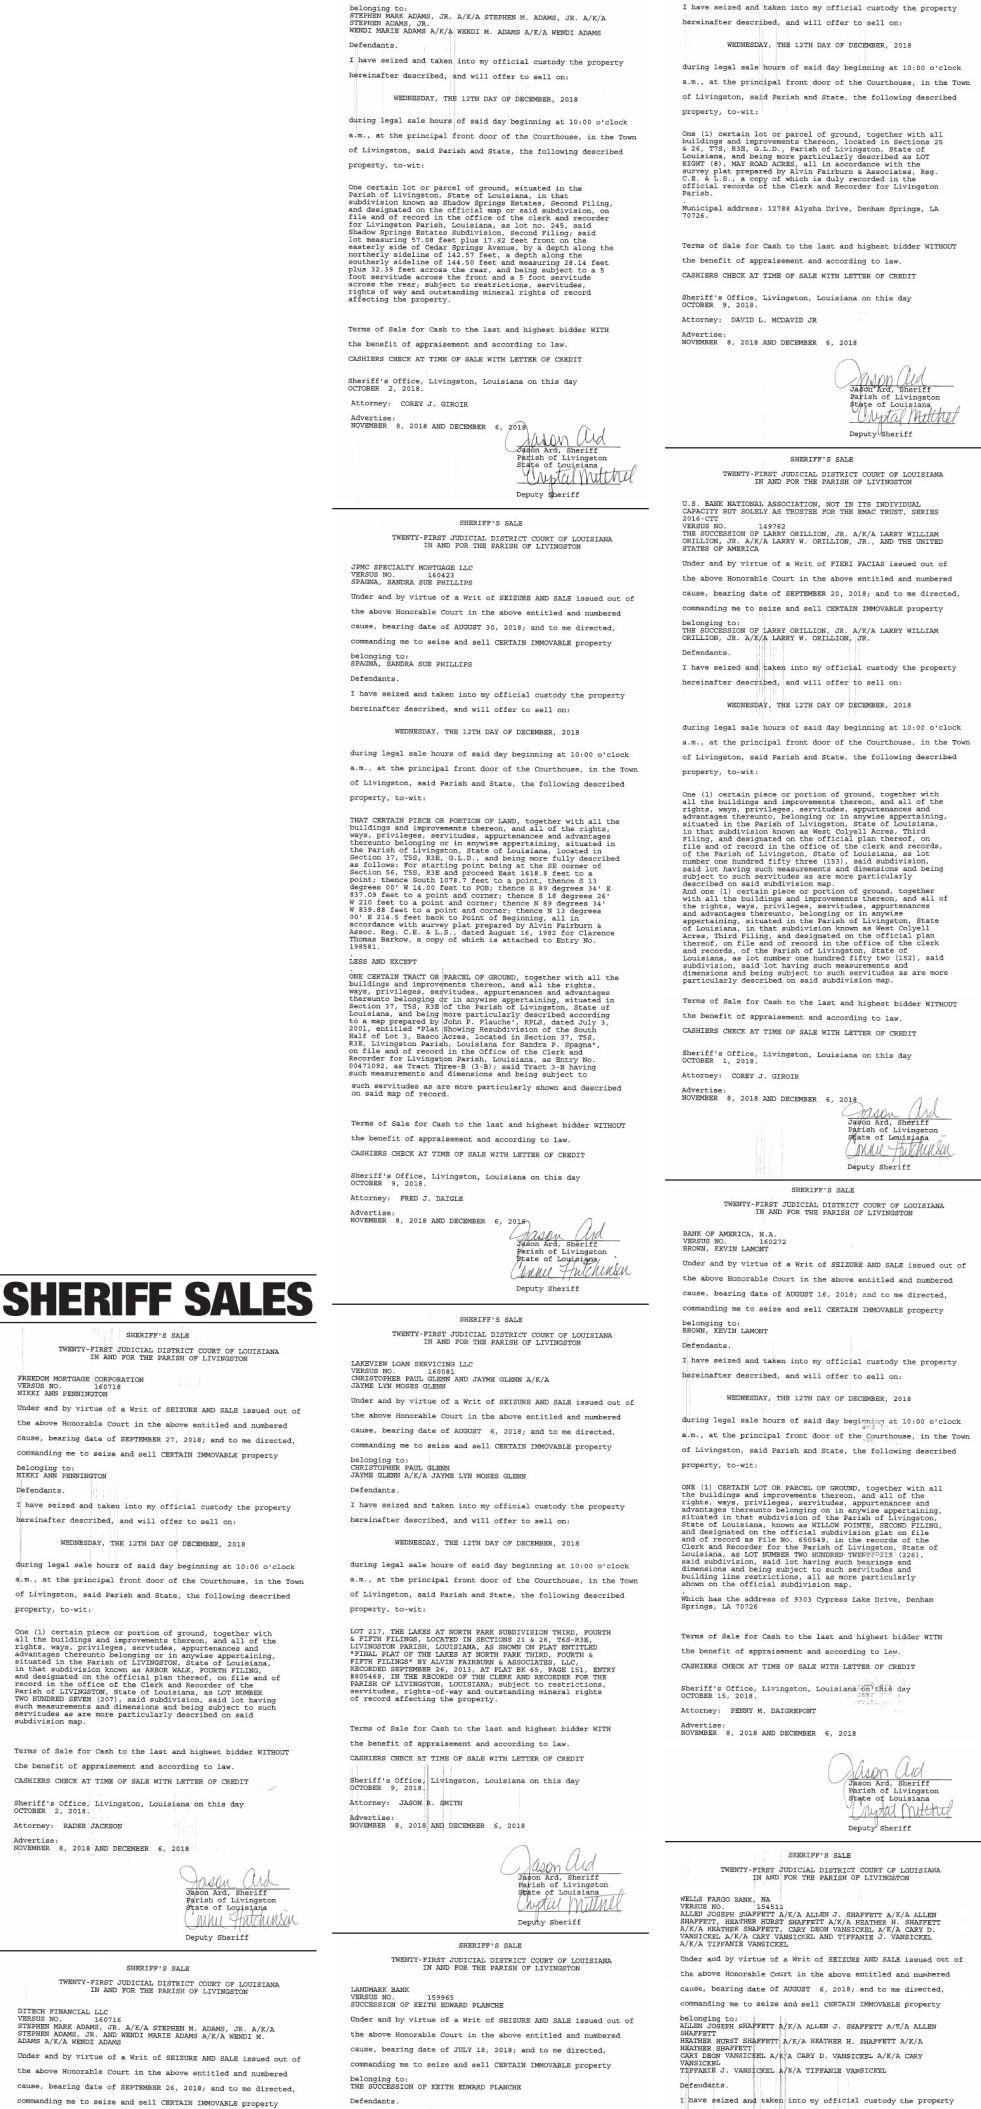 Public Notices published December 6, 2018